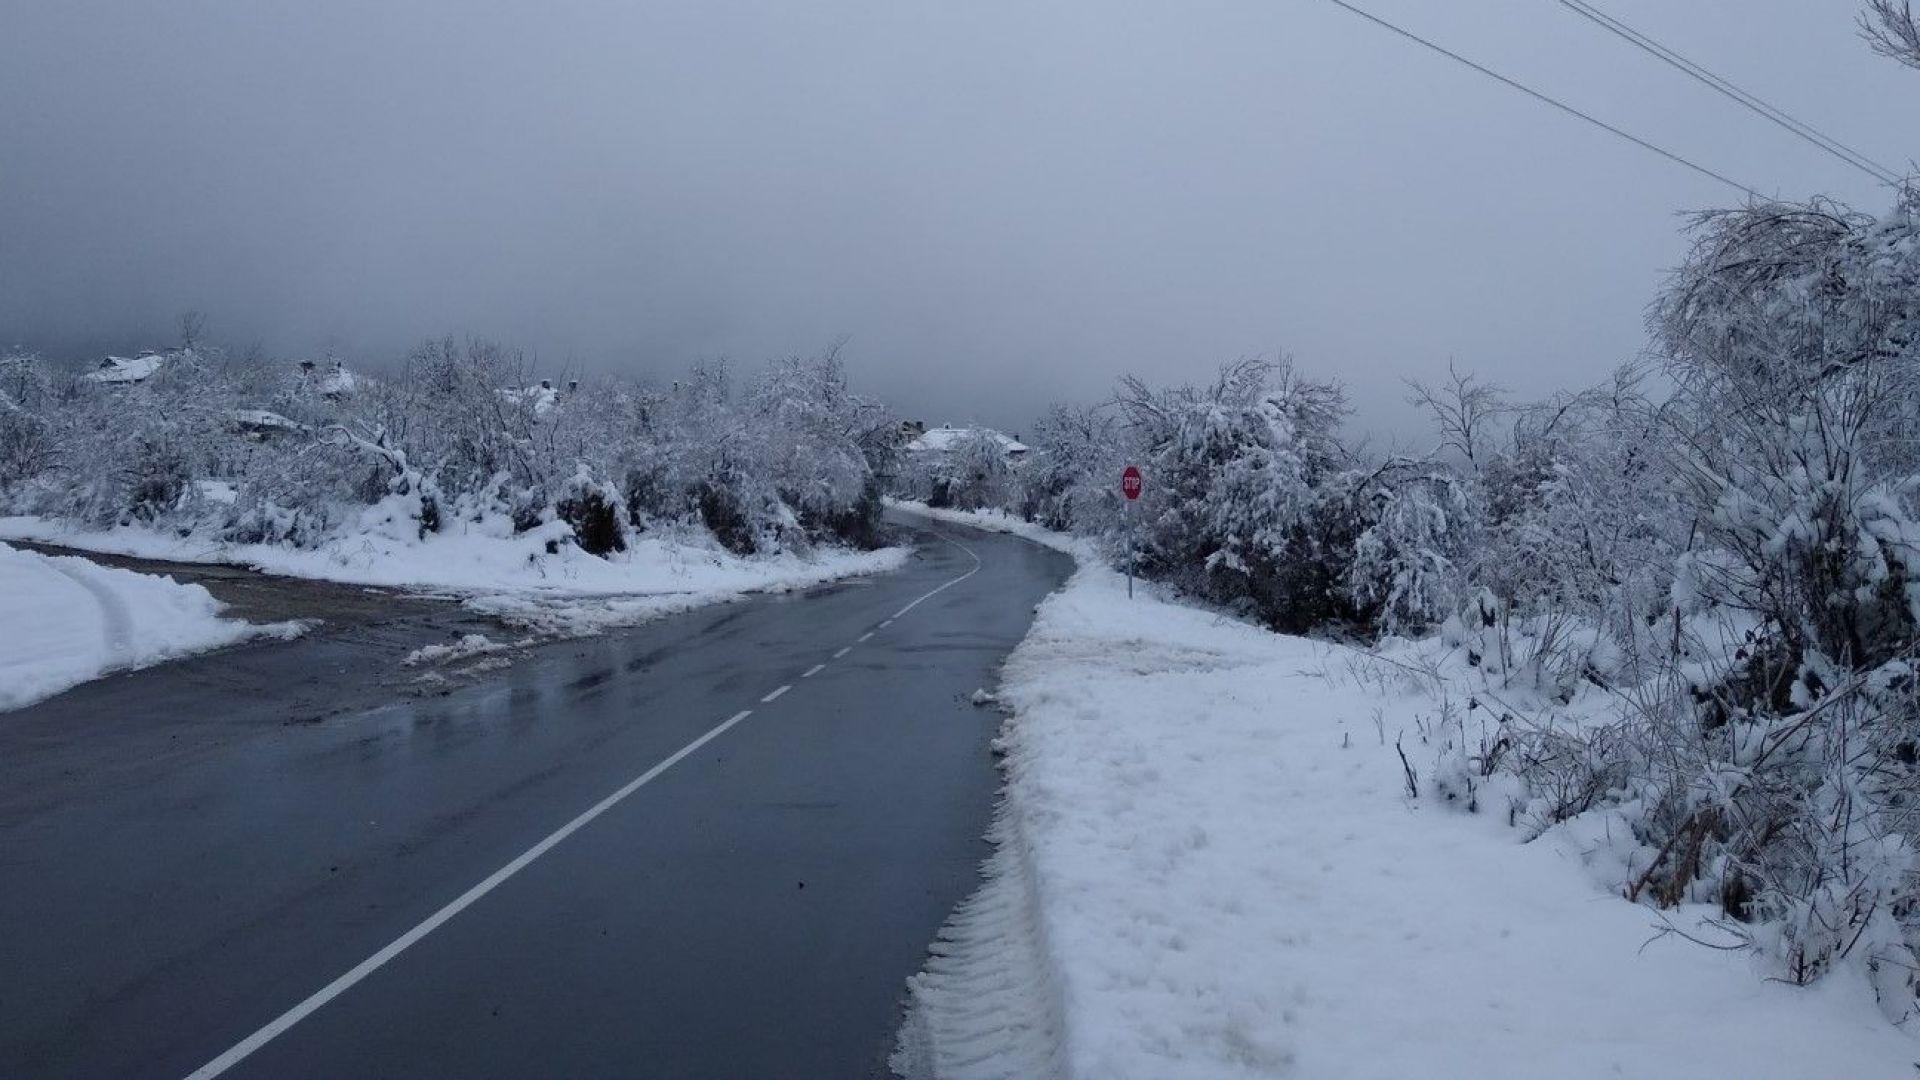 Застудяване, вятър дъжд и сняг в следващите дни